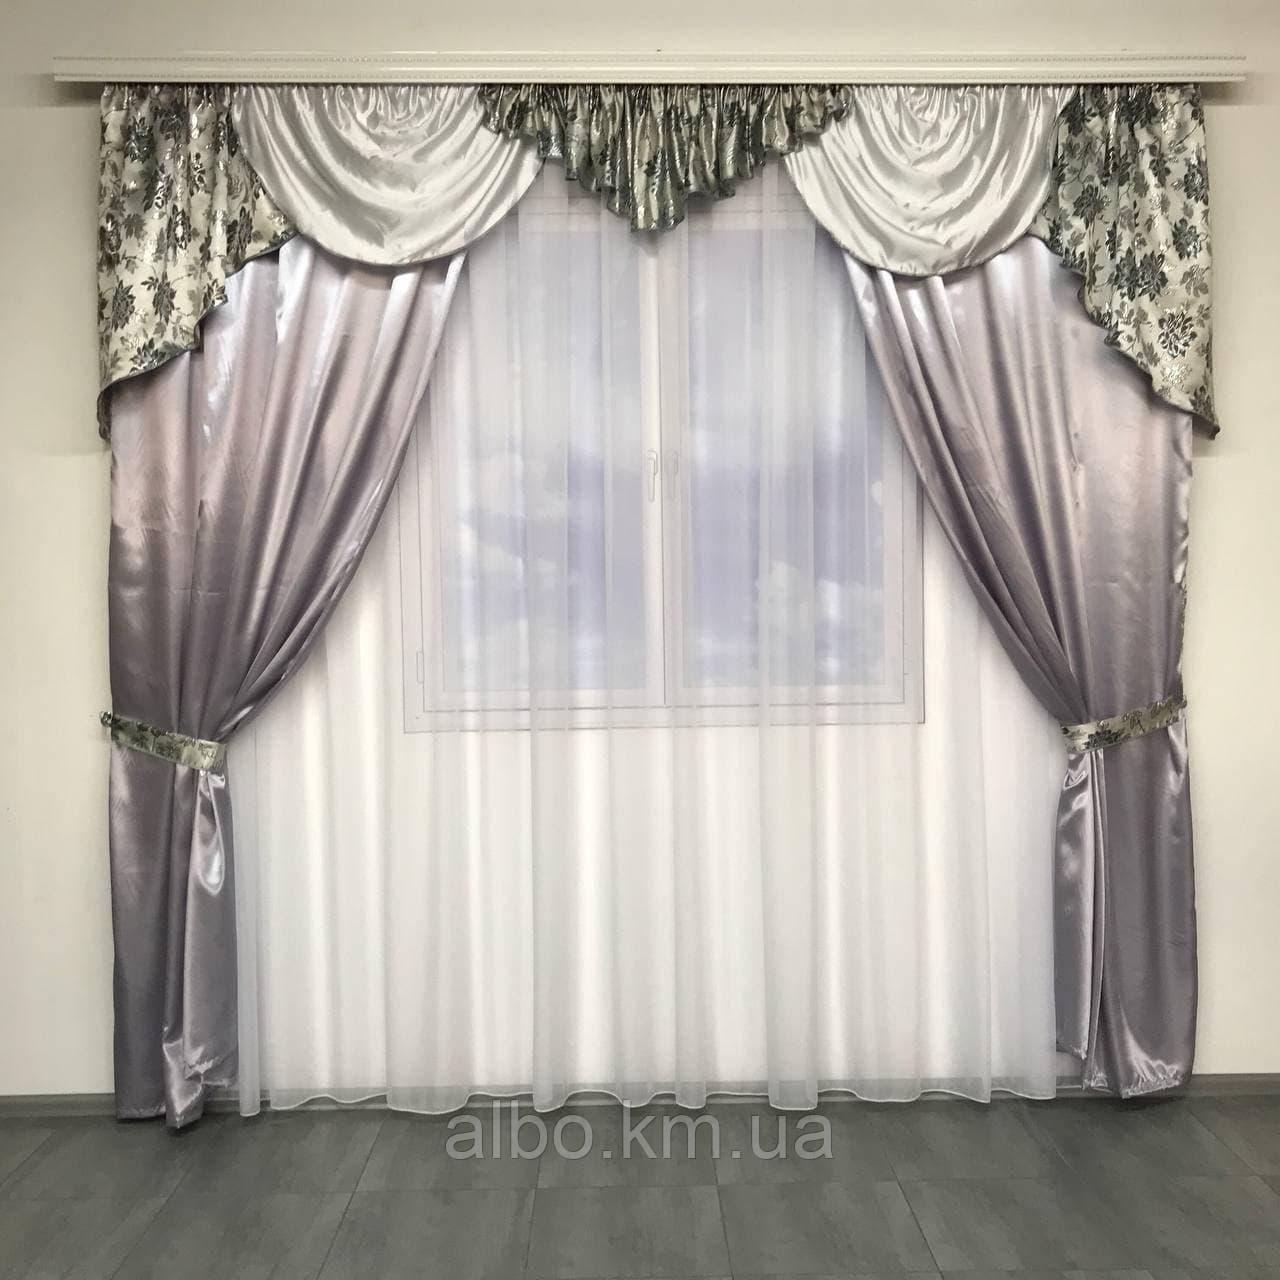 Красивые шторы с ламбрекеном для дома спальни зала, изысканные шторы жаккард в хол прихожую гостинную,